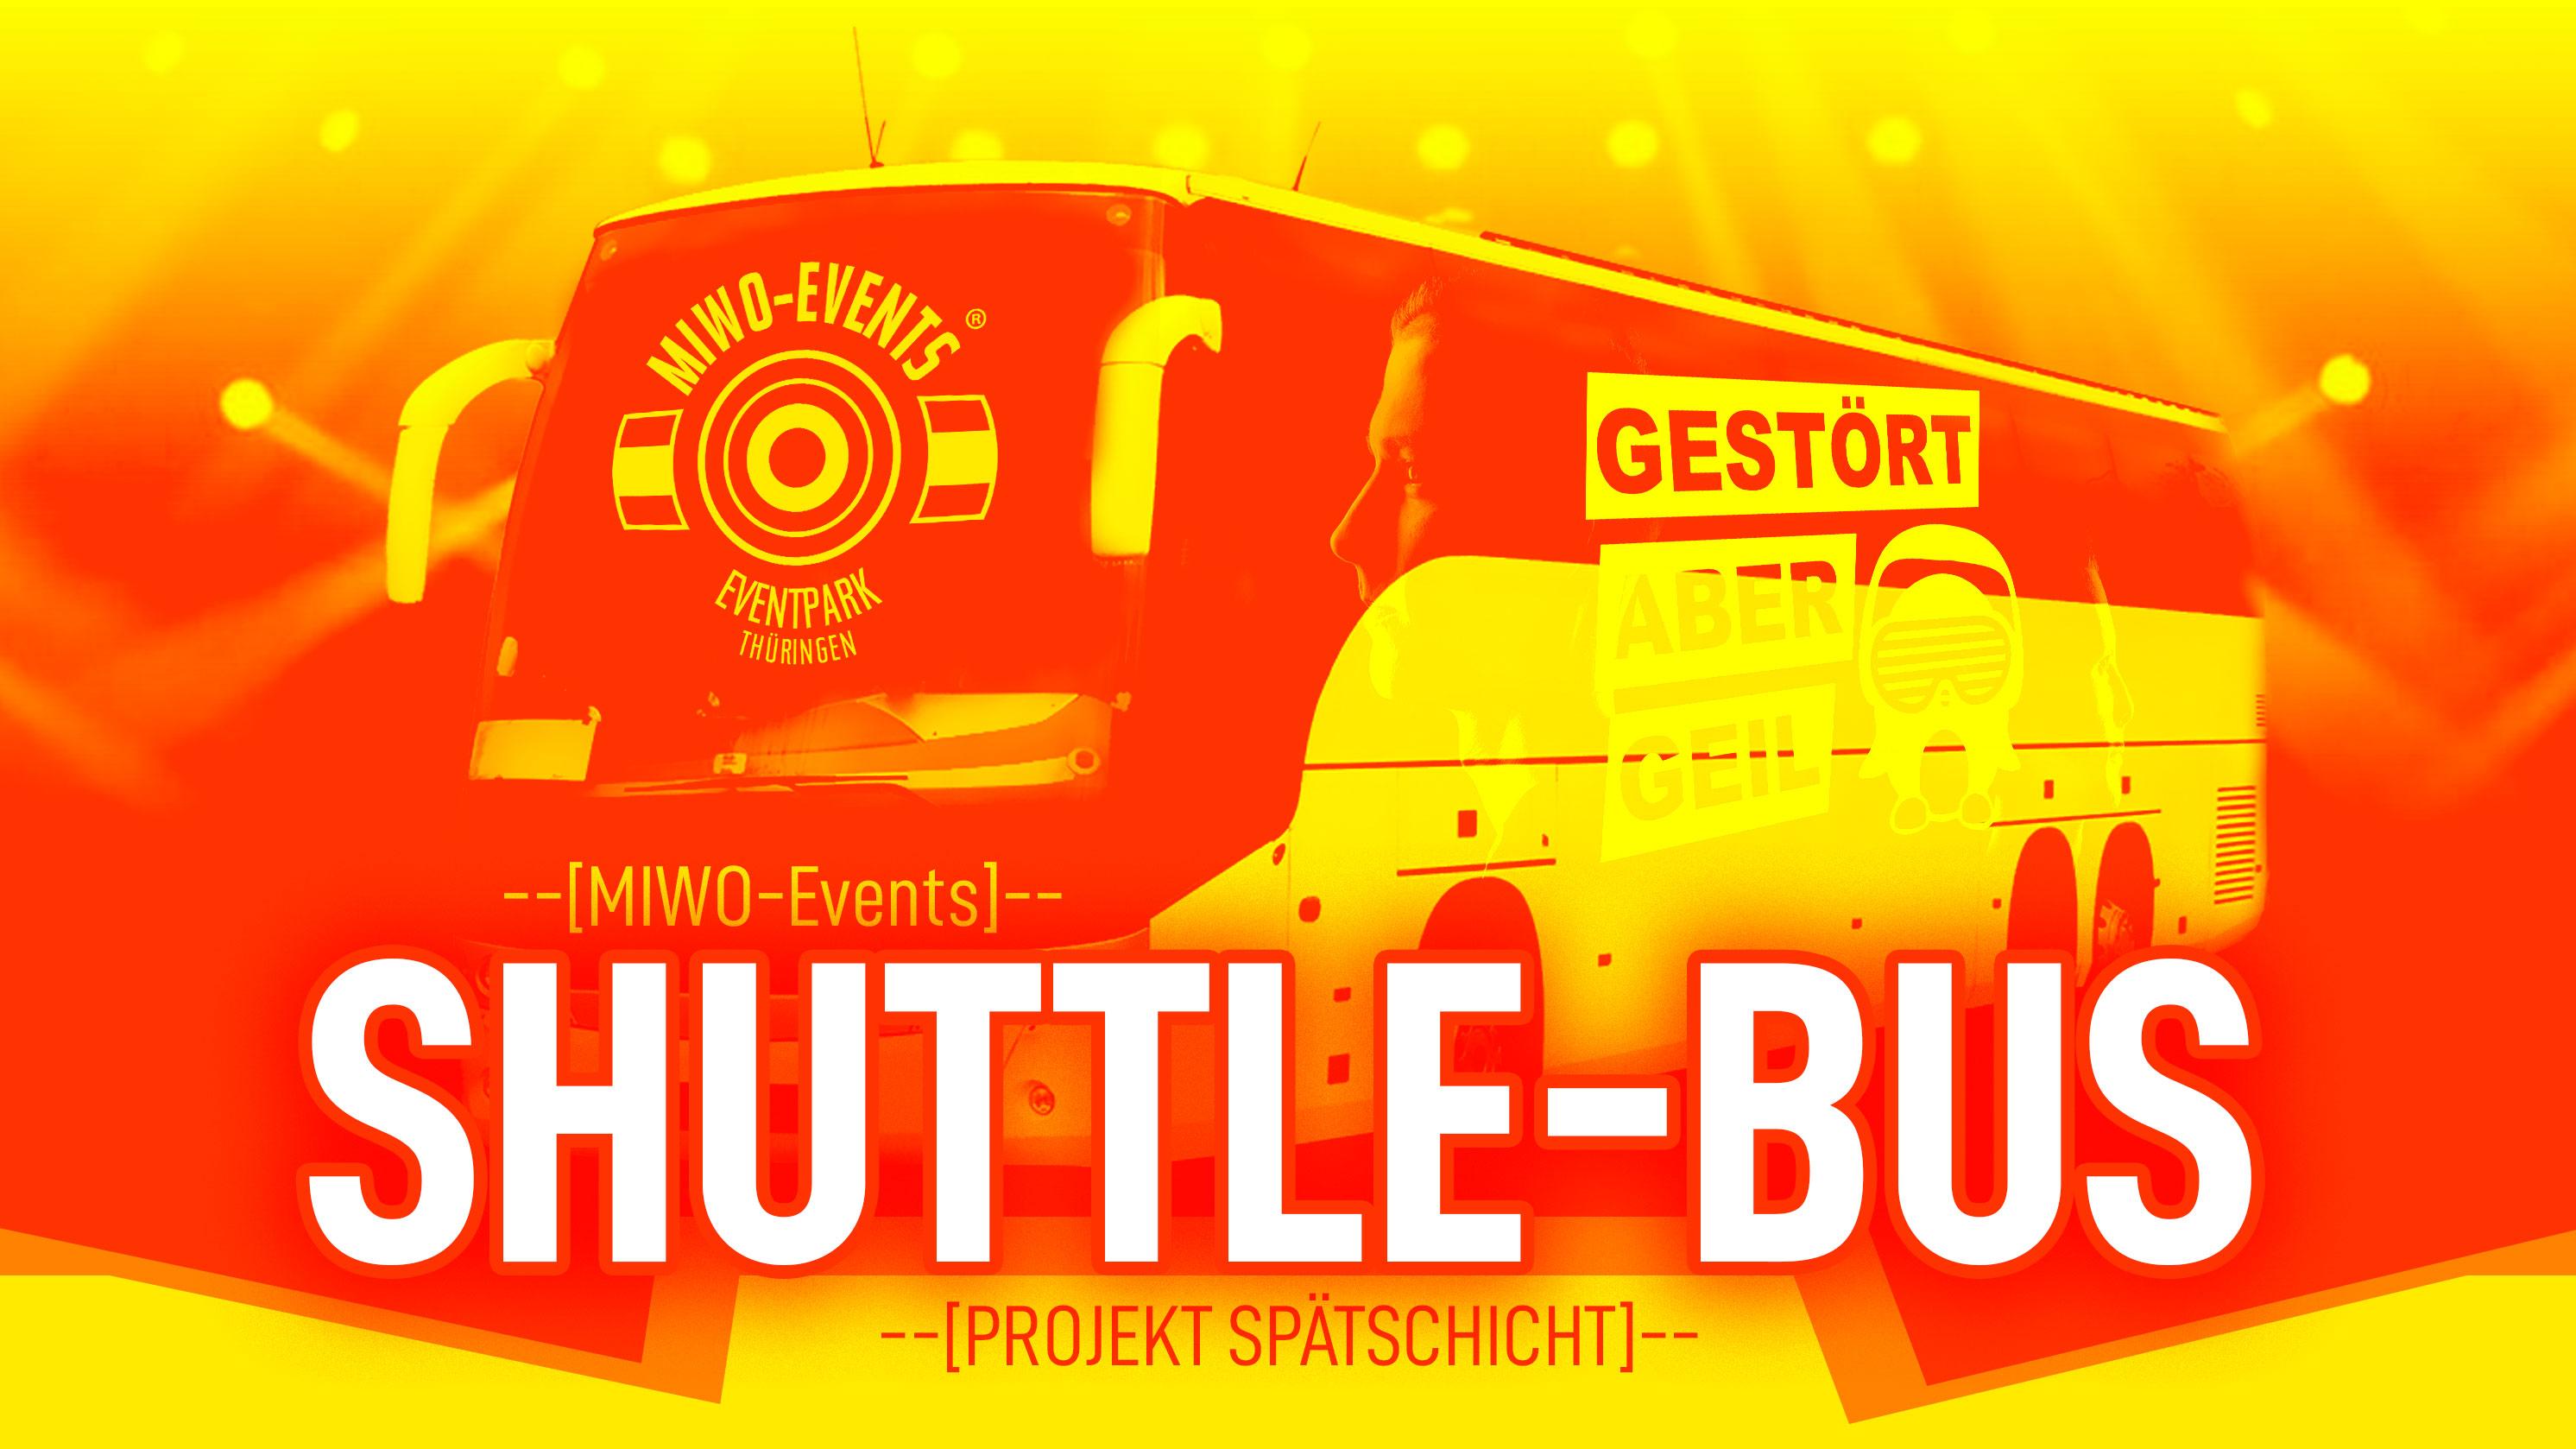 SHUTTLE-BUS, Projekt Spätschicht mit Gestört Aber Geil, MIWO-Events, MIWO-Eventpark Thüringen, Bad Berka, 13.09.2019